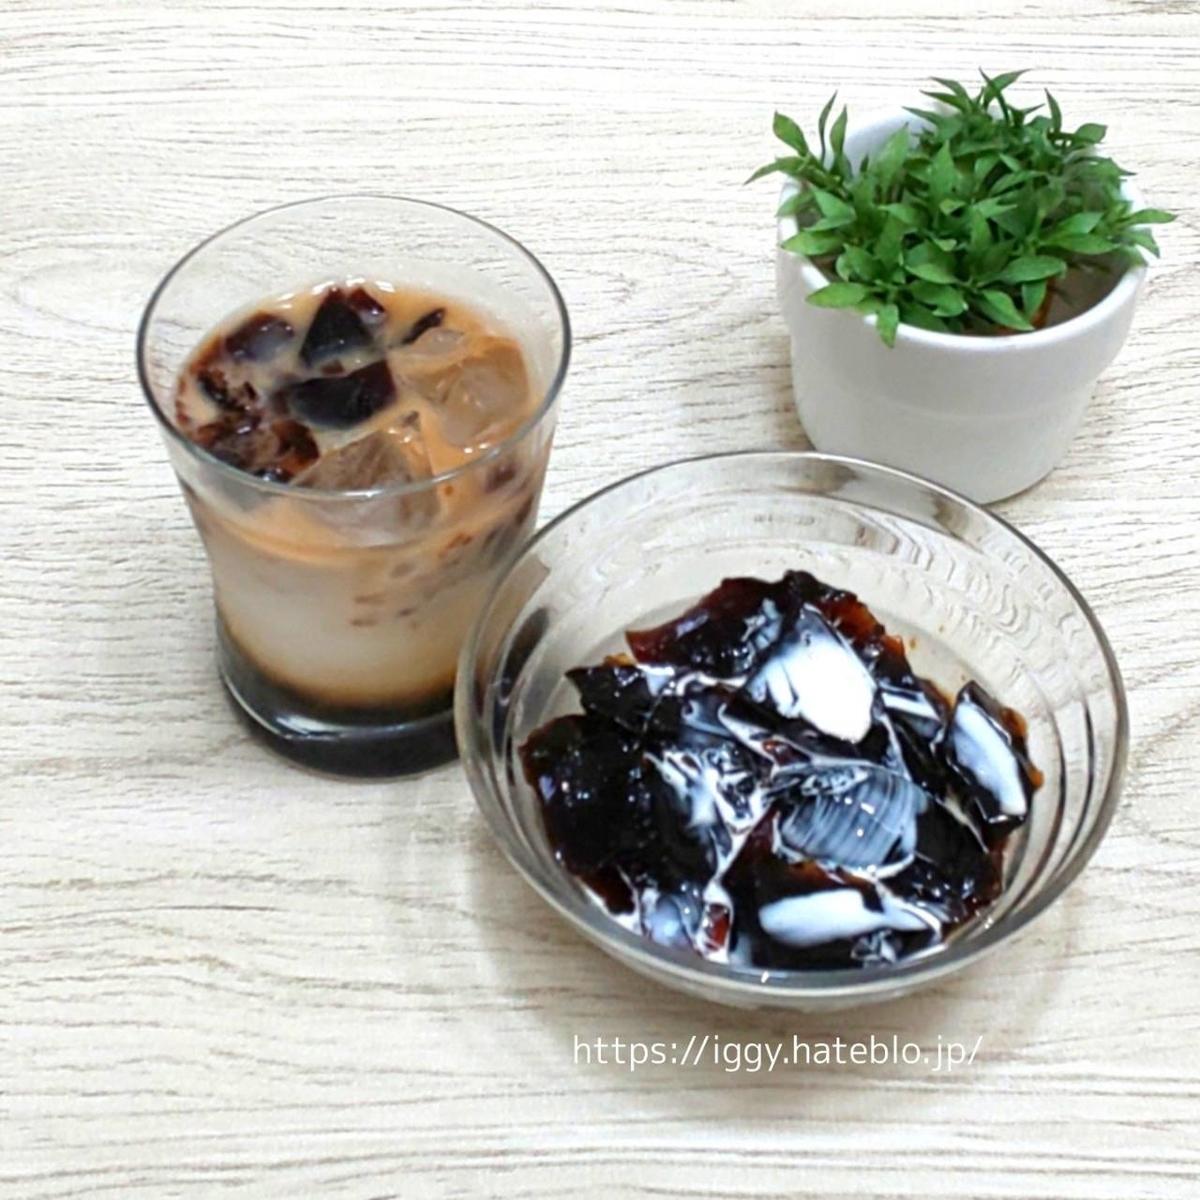 コーヒーベースとゼラチンで作るコーヒーゼリー LIFE